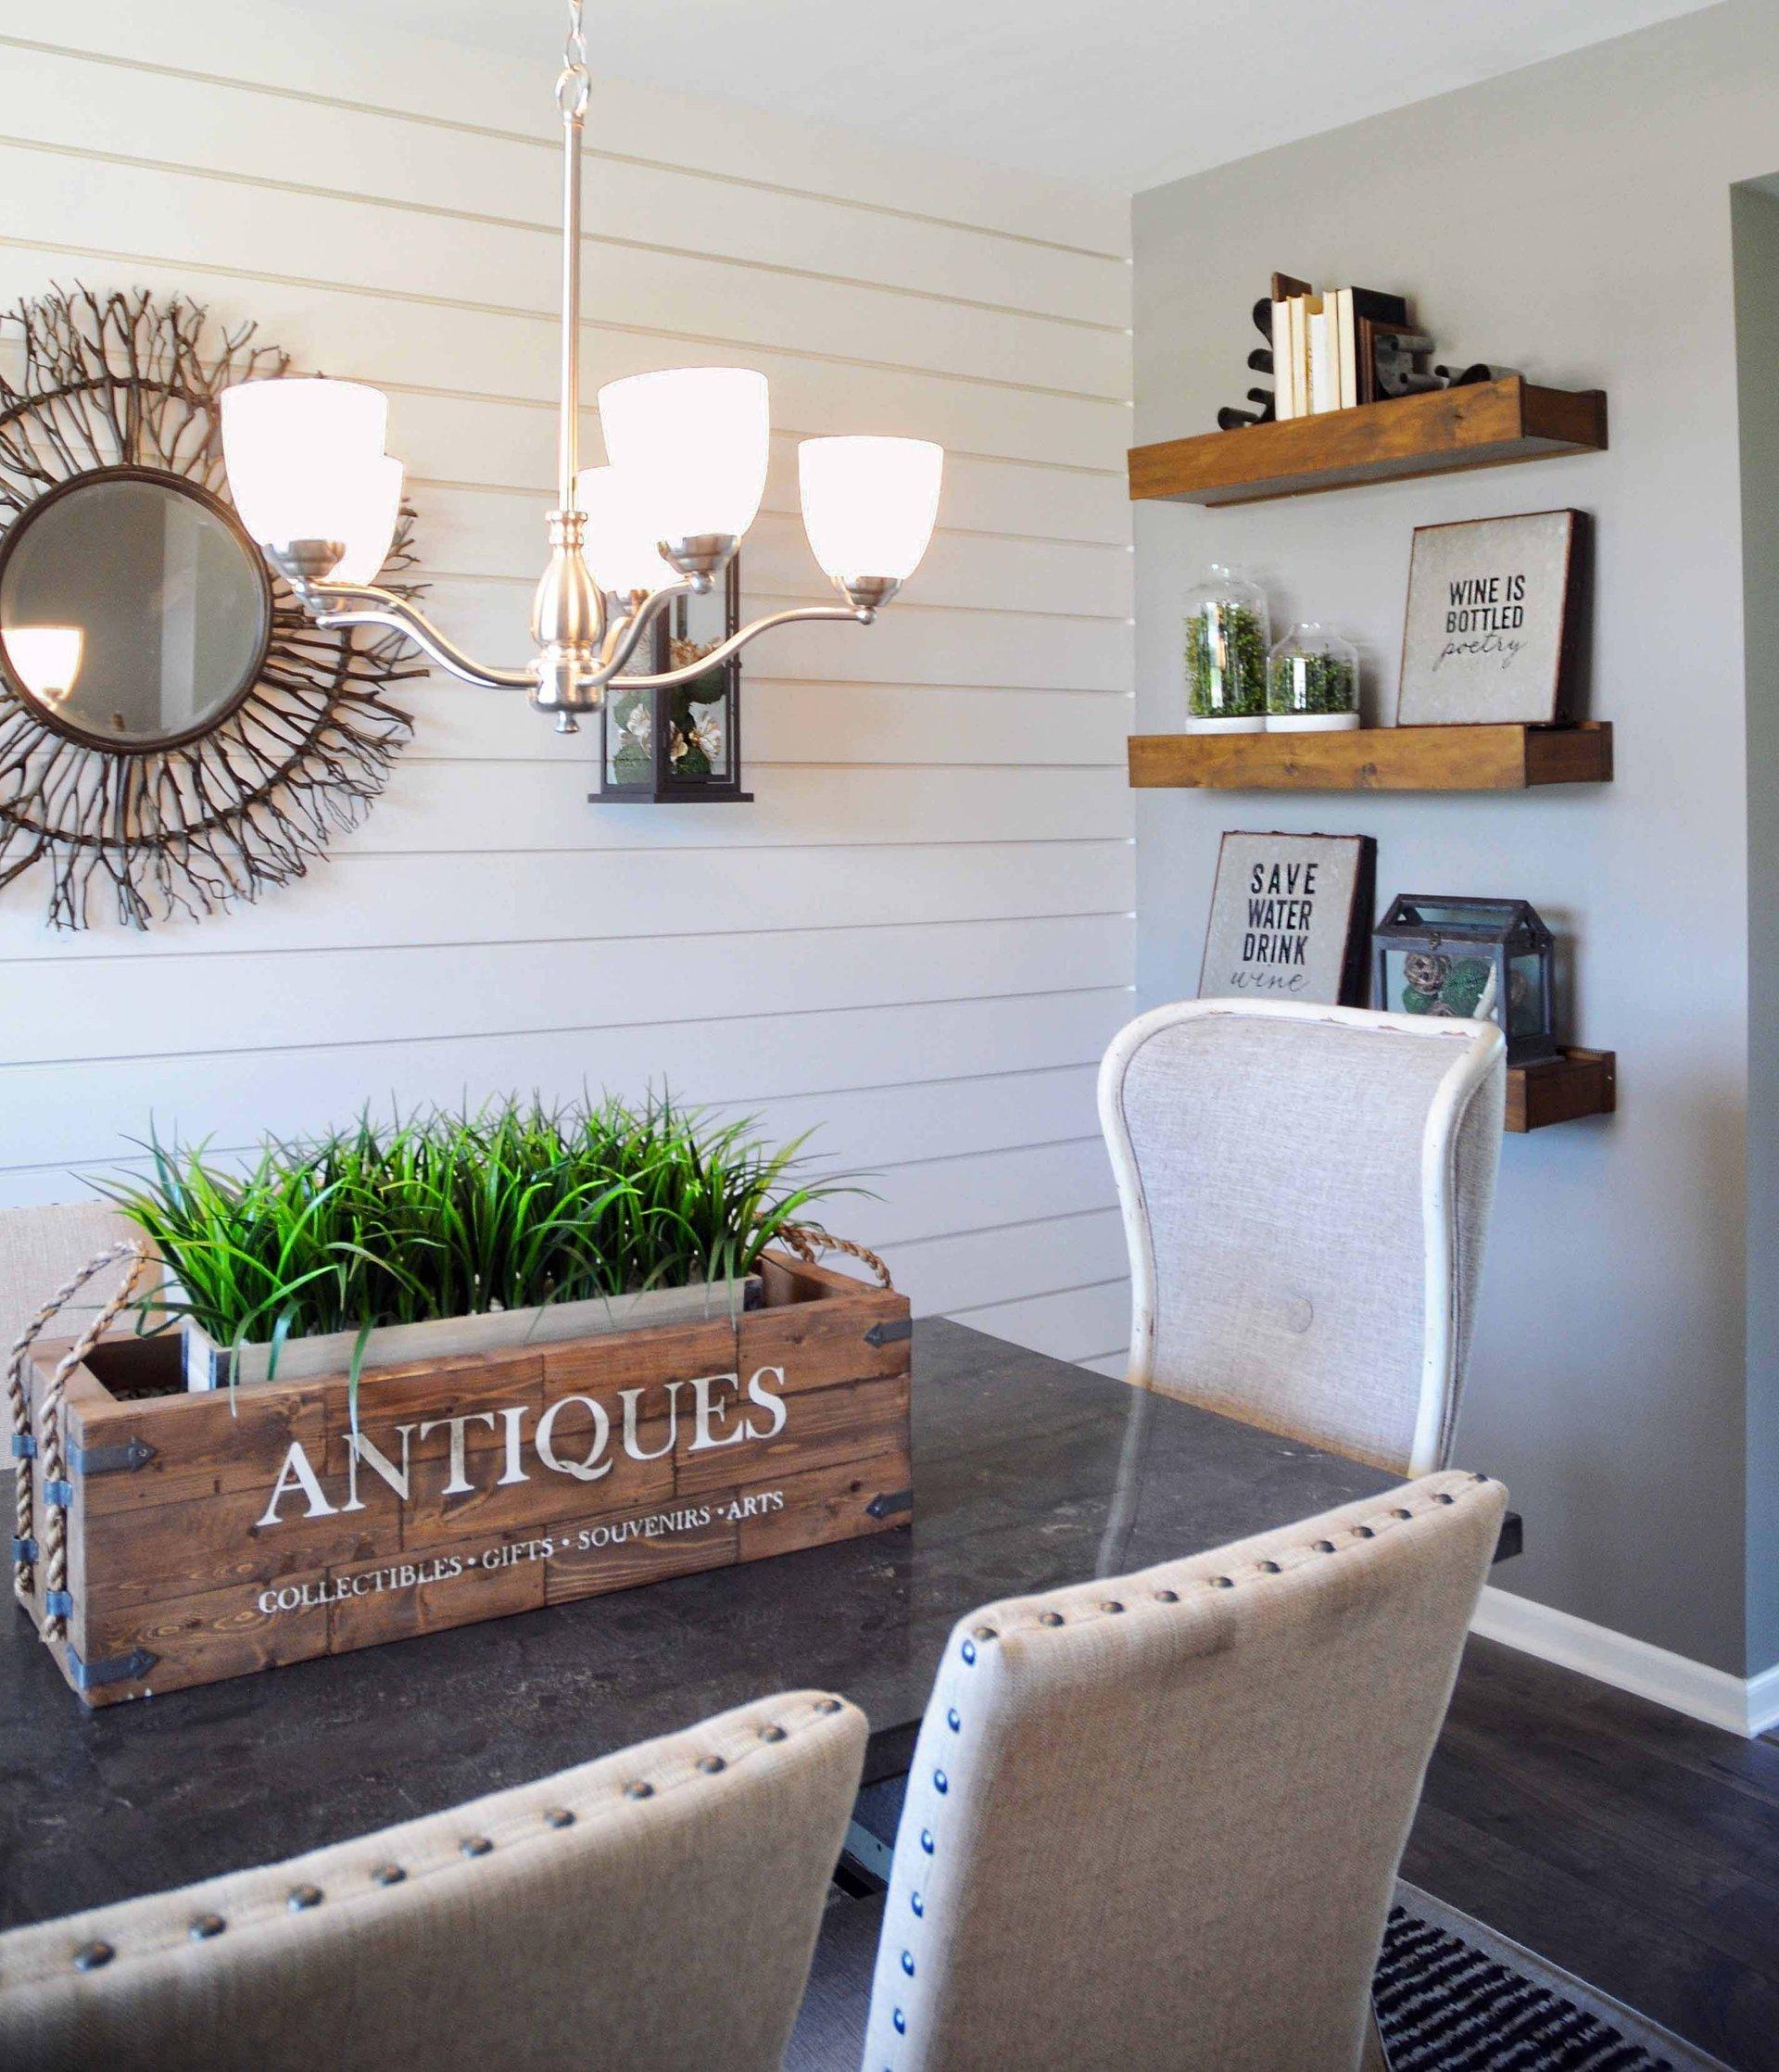 Home Interiors Website: Model Home Interior Design Firm